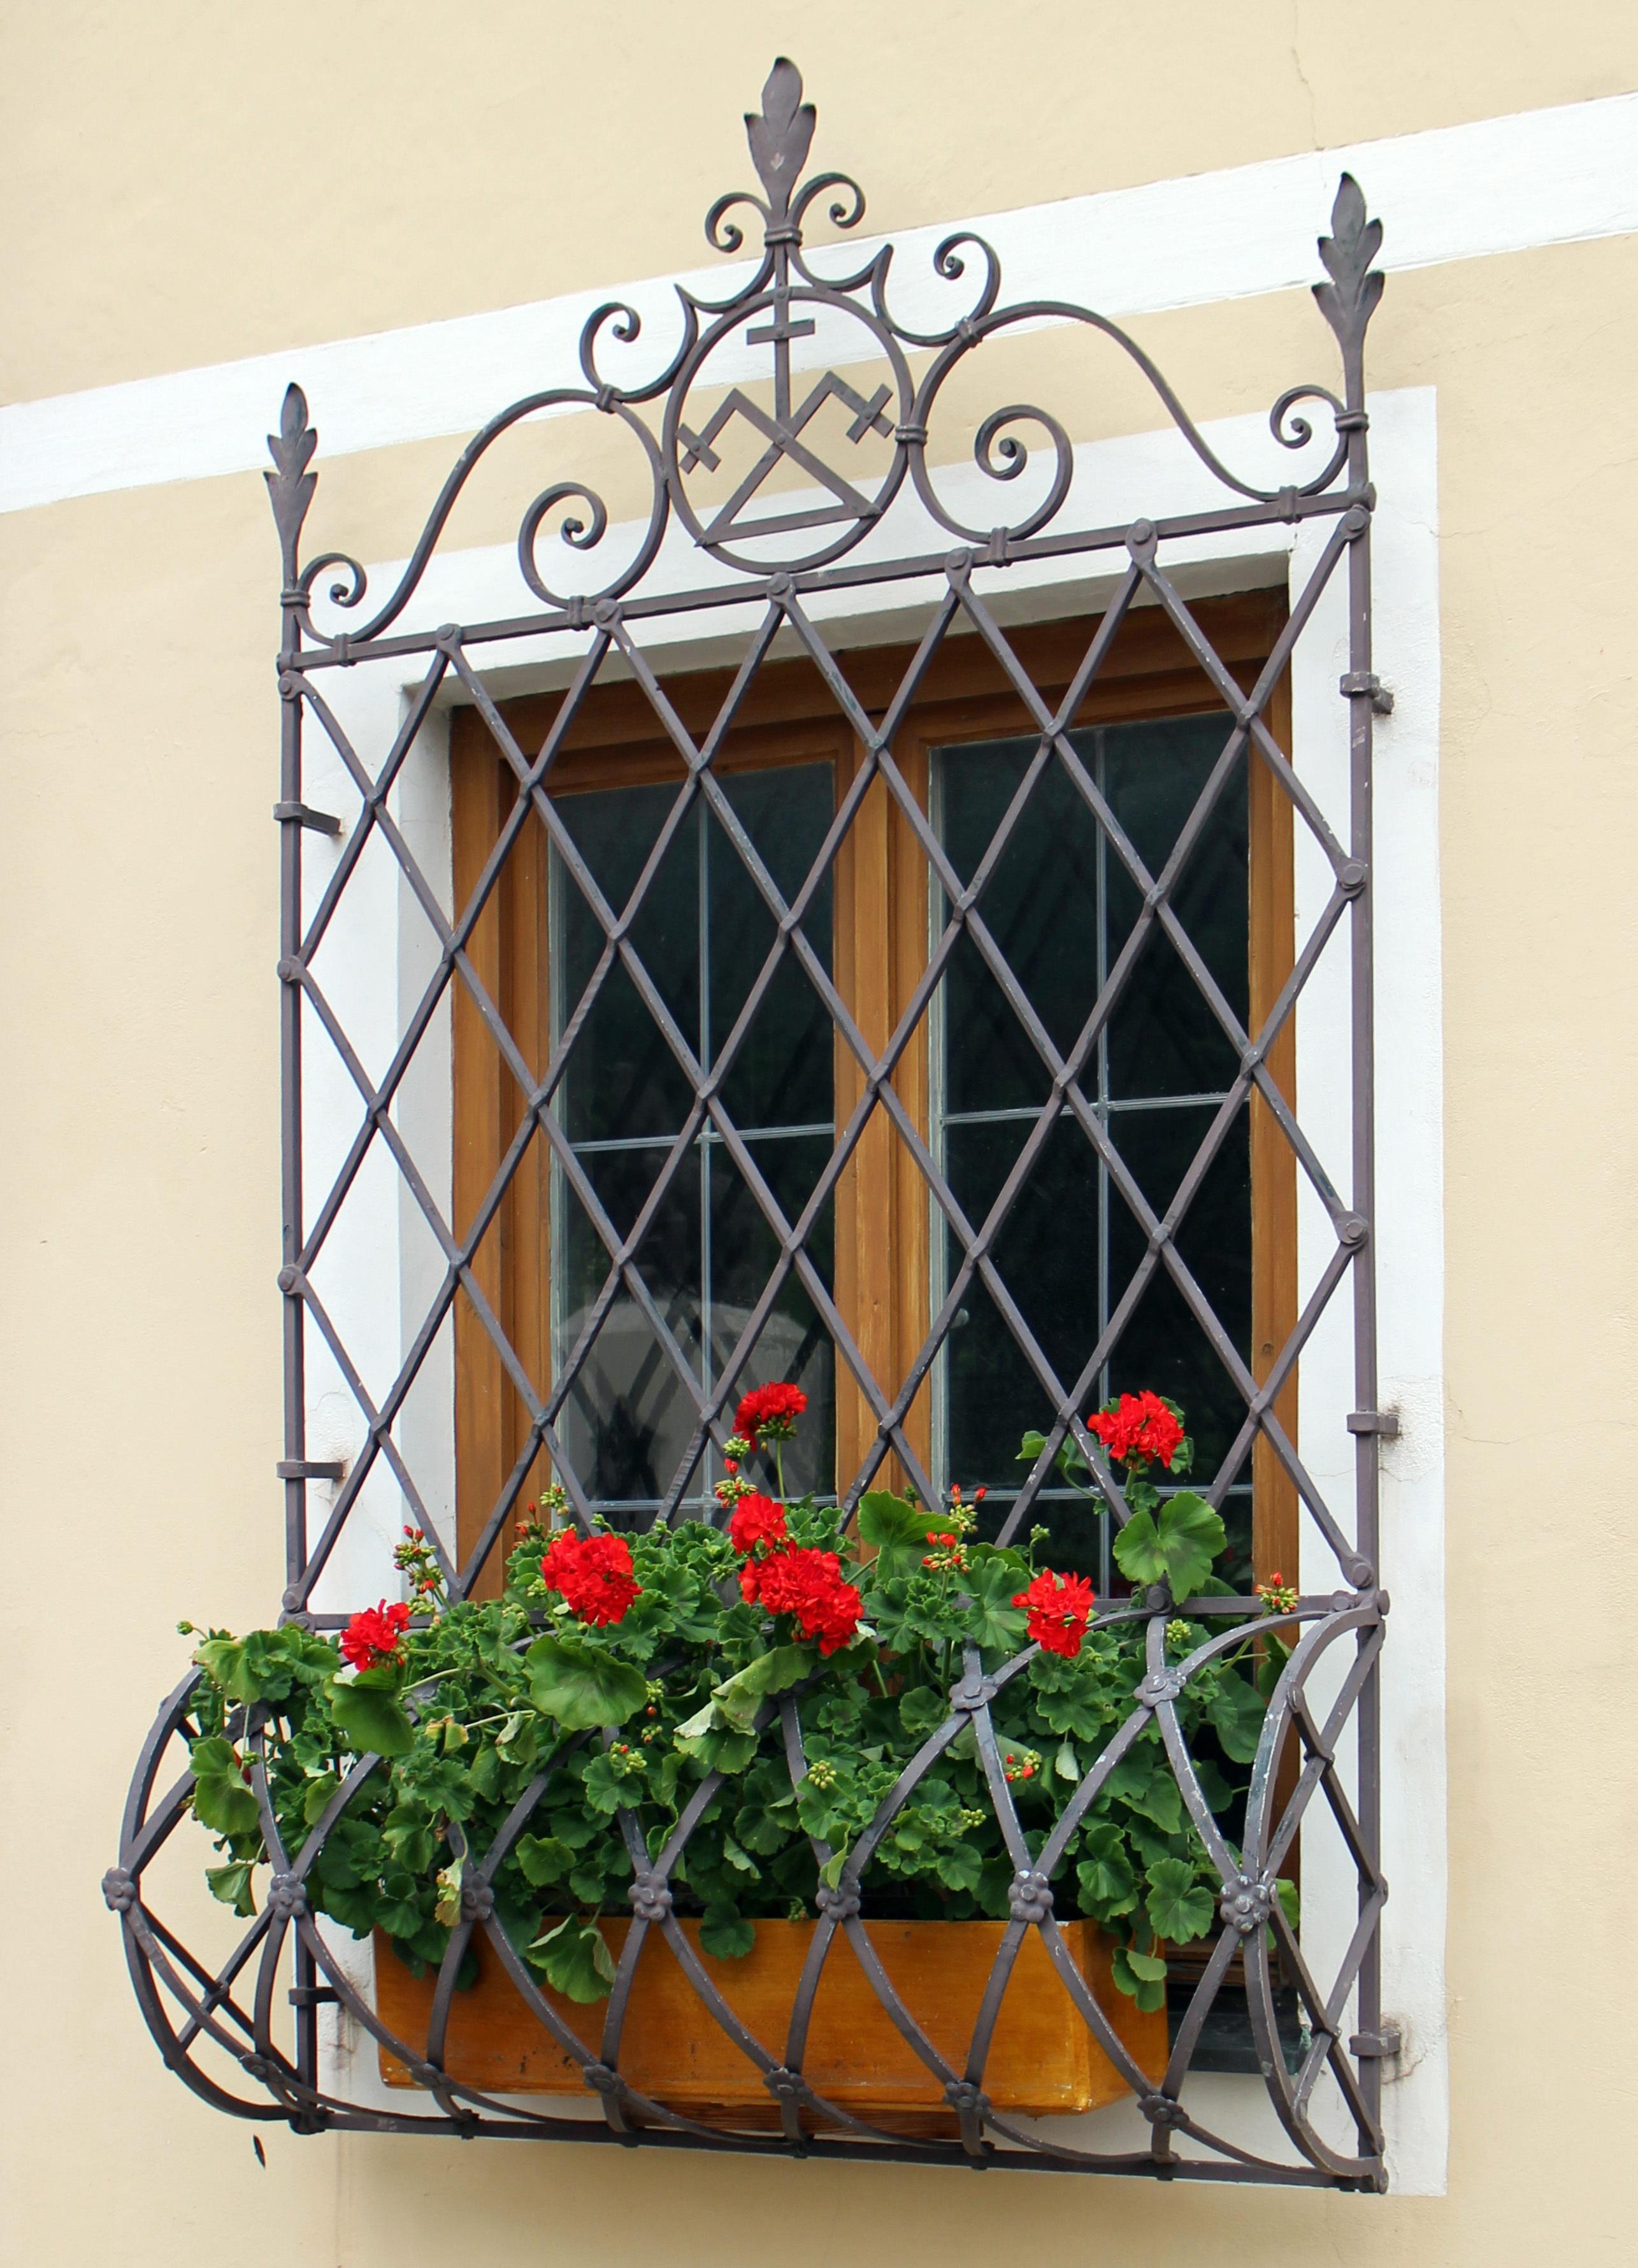 Images Gratuites Verre Bâtiment Maison Balcon Métal Façade